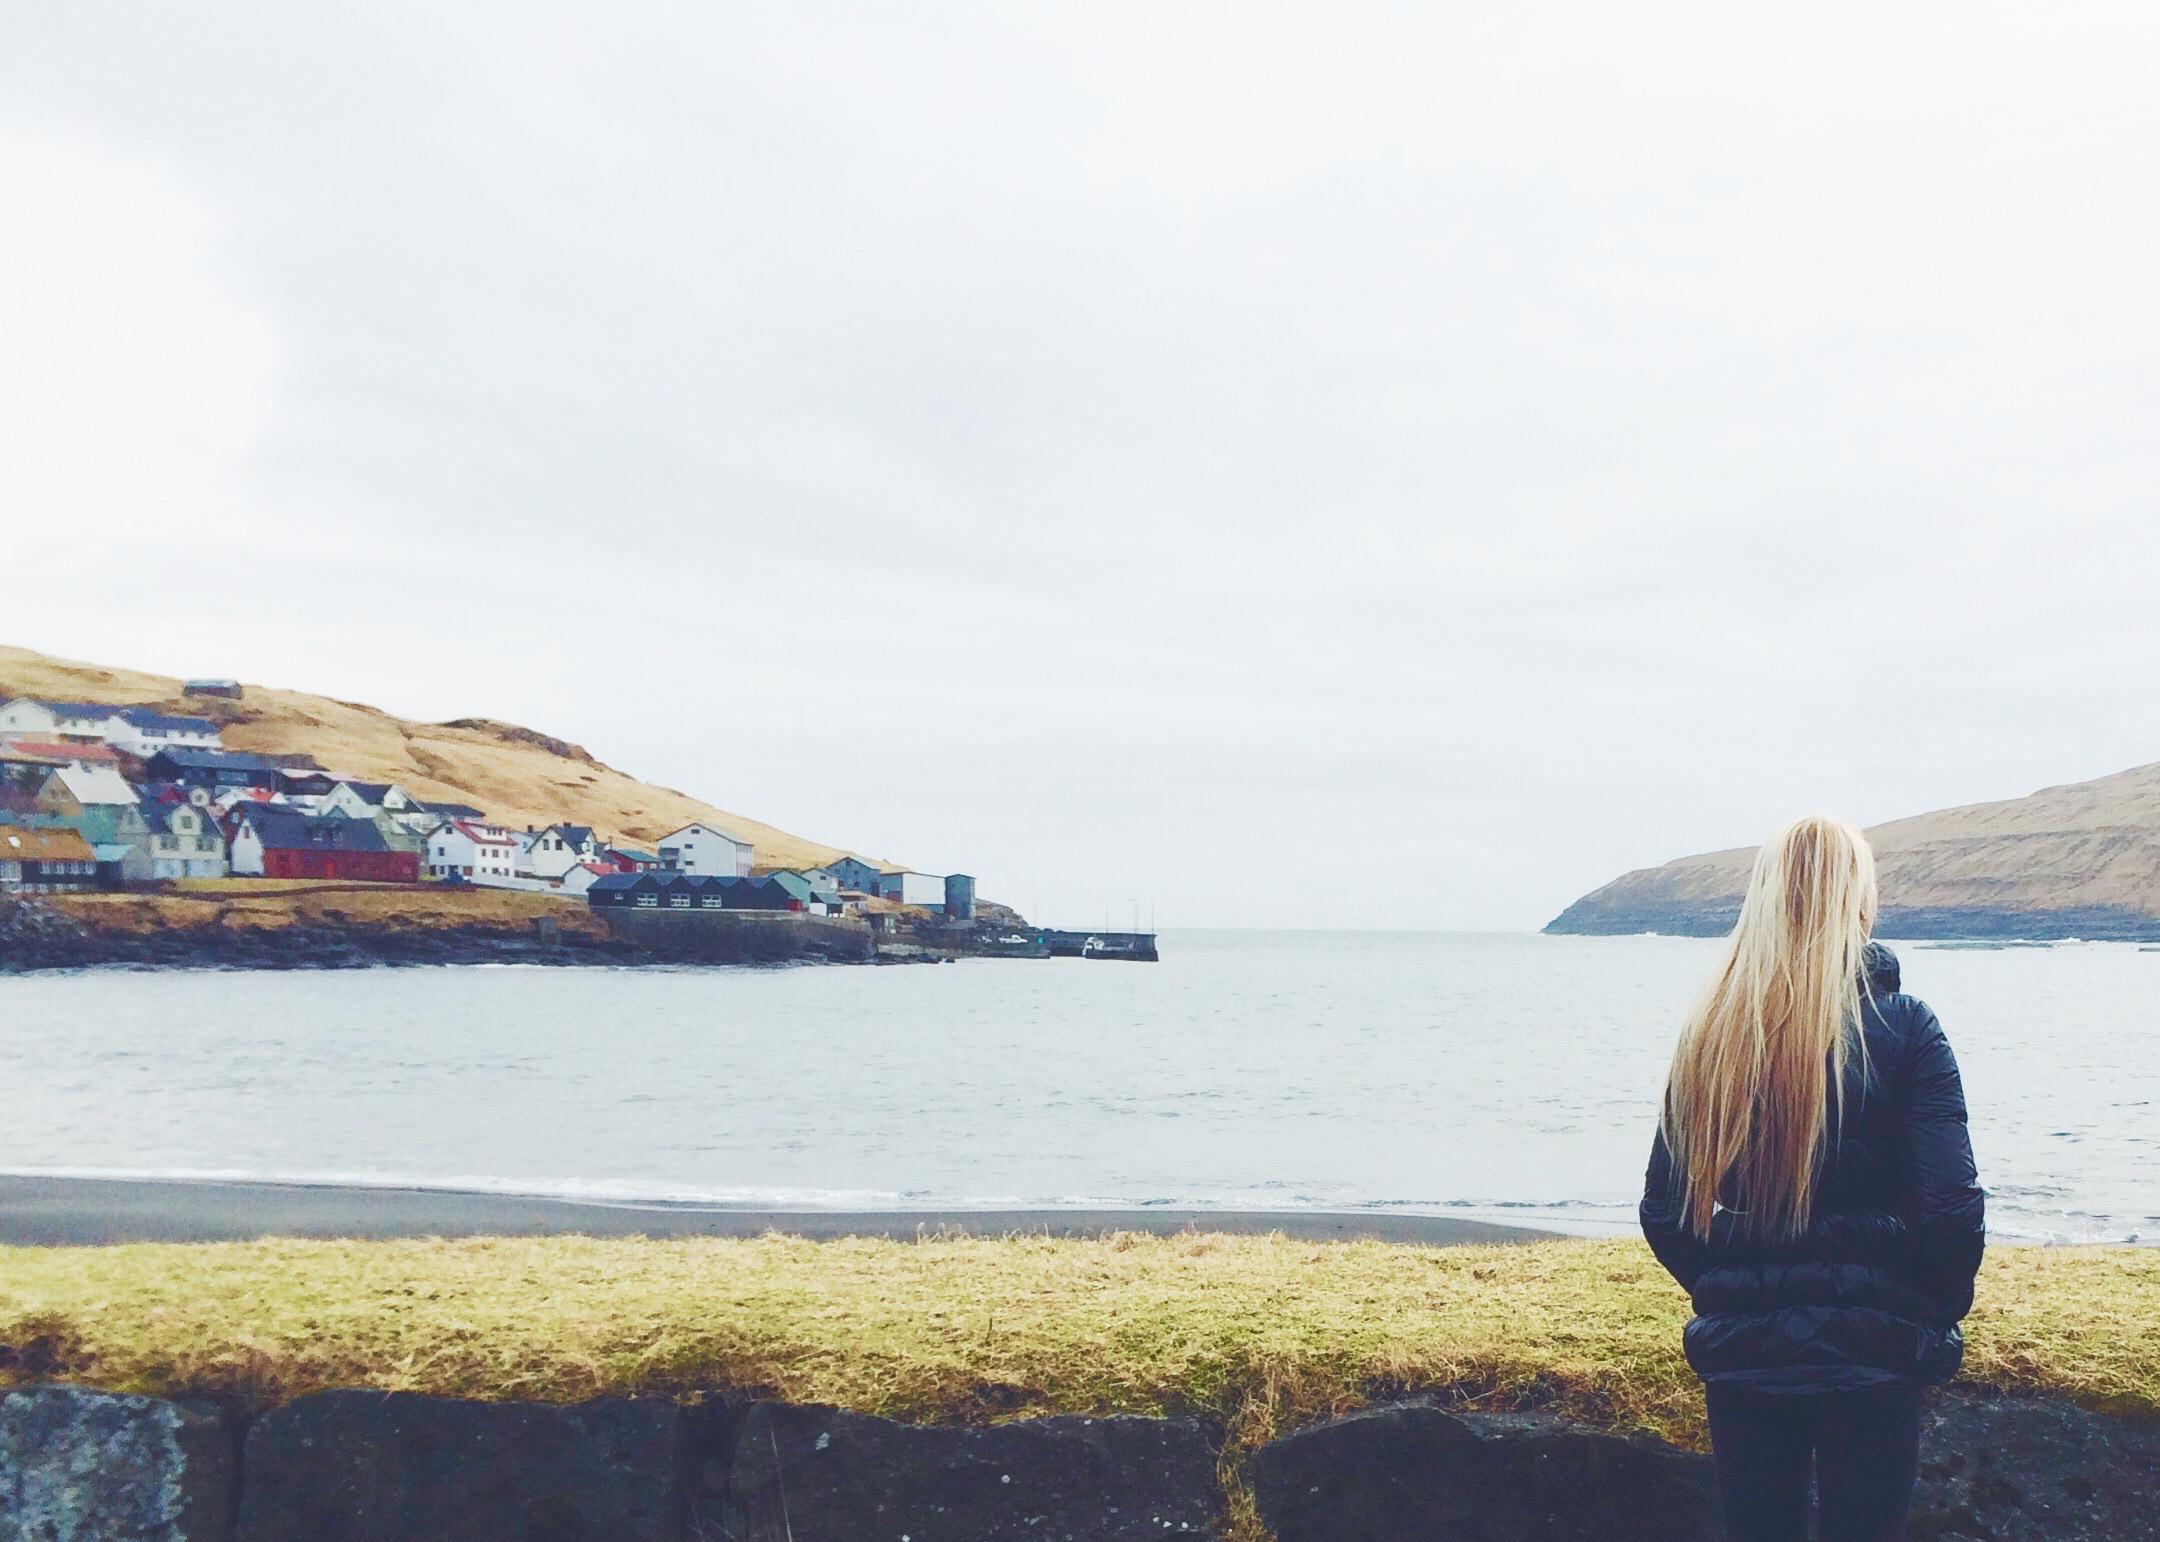 Europe's best-kept secret: the Faroe Islands